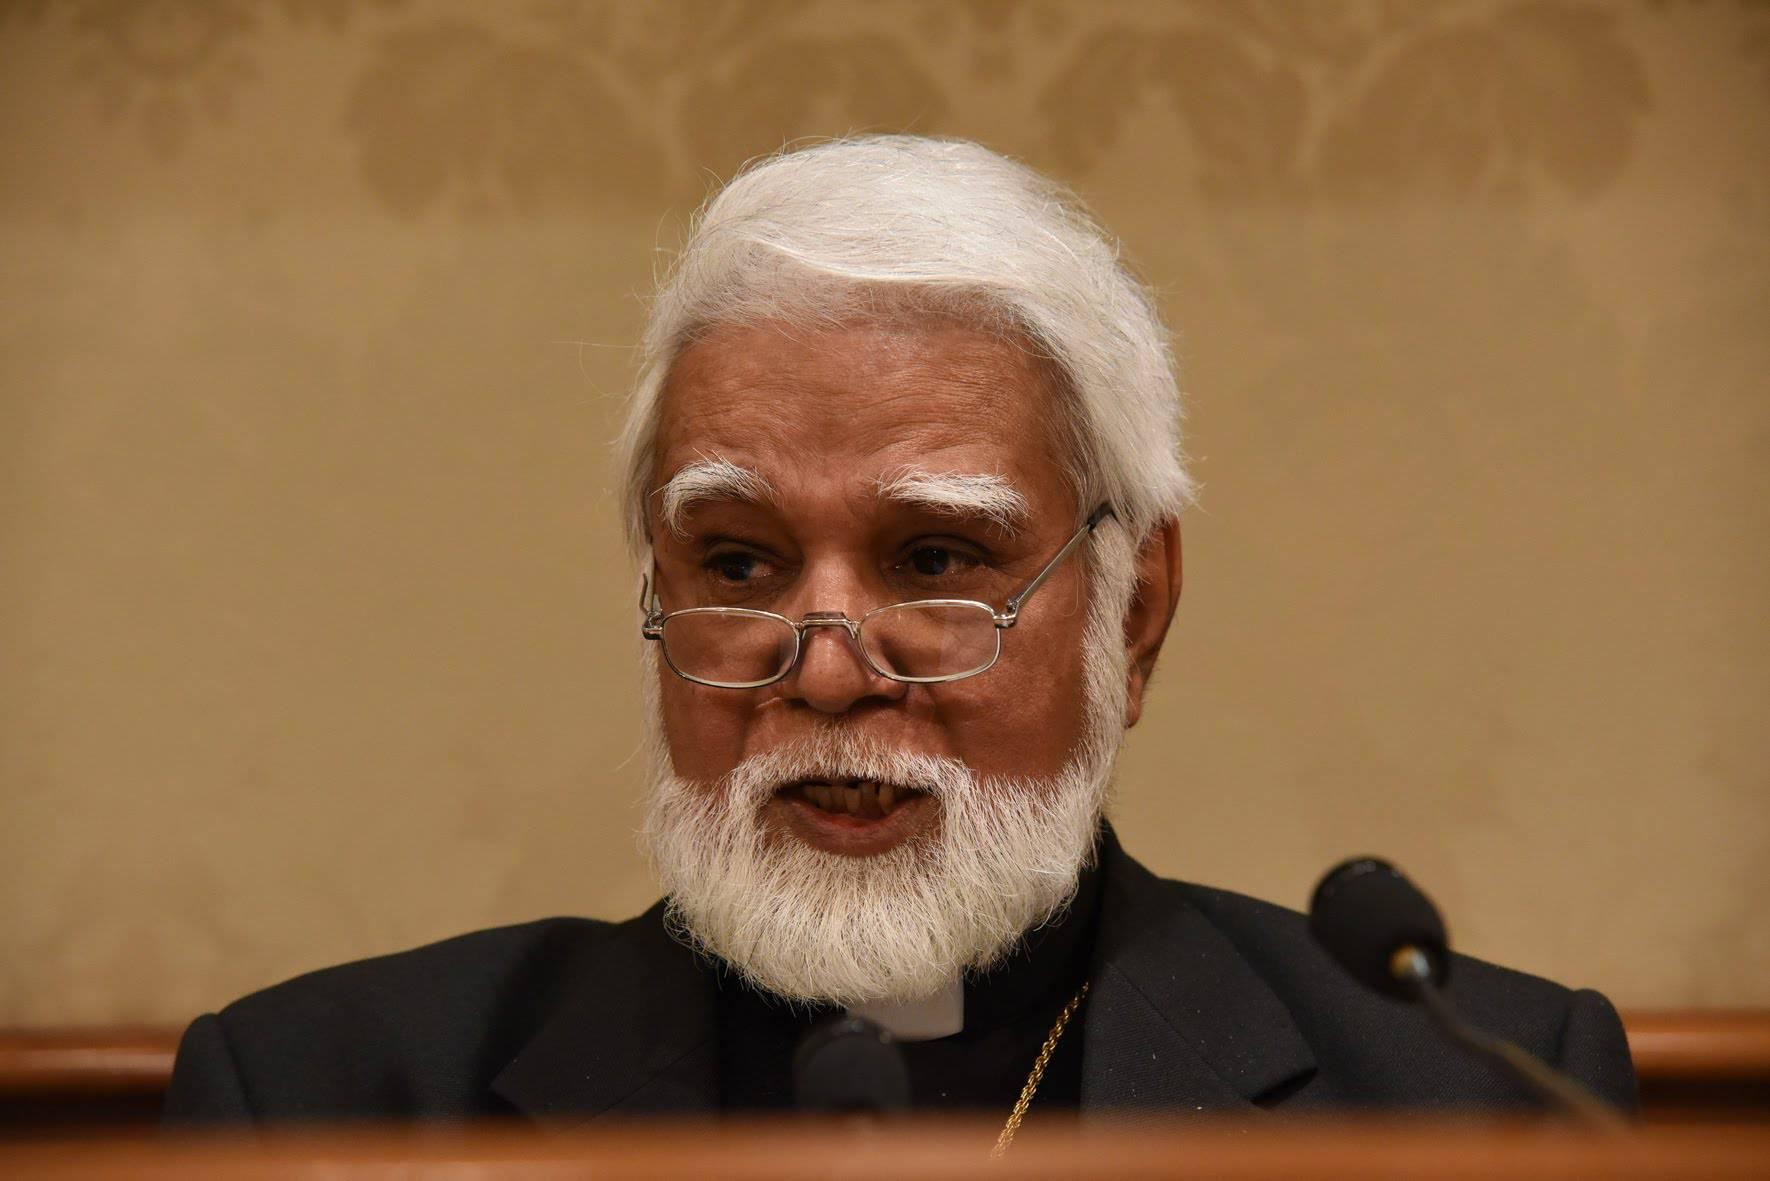 Monsignor Joseph Coutts è il Cardinale dalla barba bianca